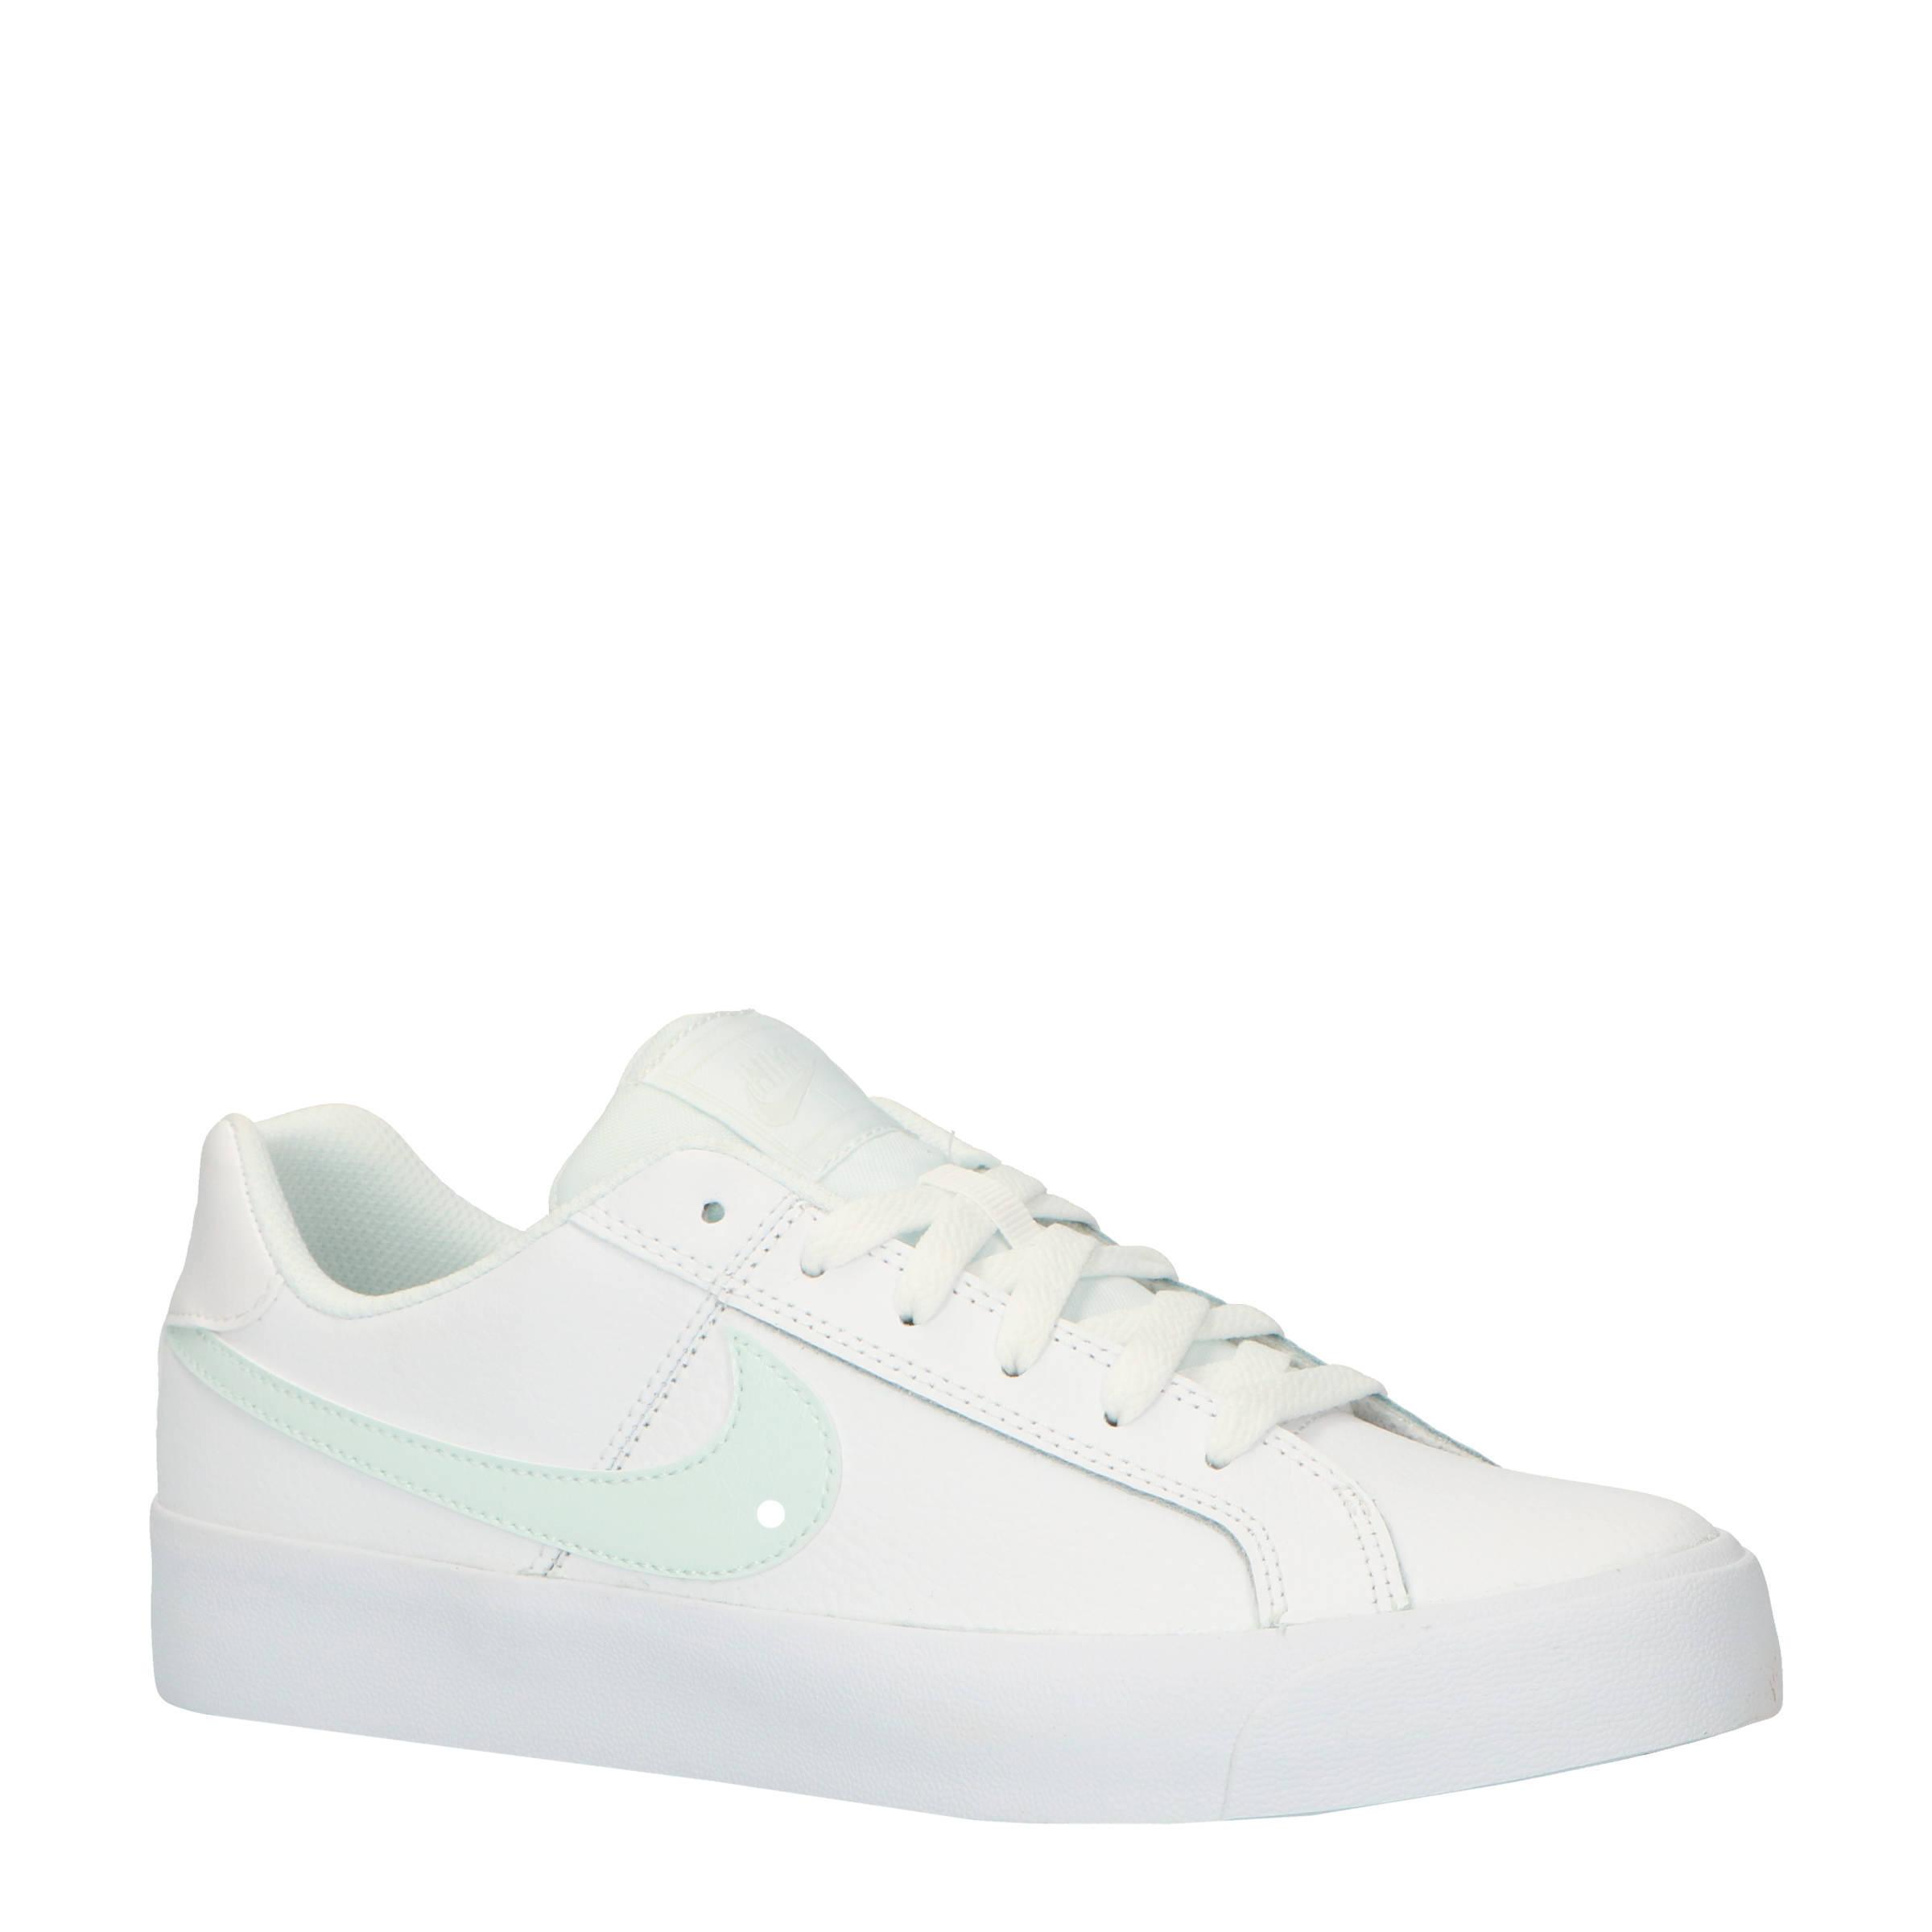 Dames Nike Wehkamp Schoenen Bij Vanaf Gratis Bezorging 20 QxoCedWrB